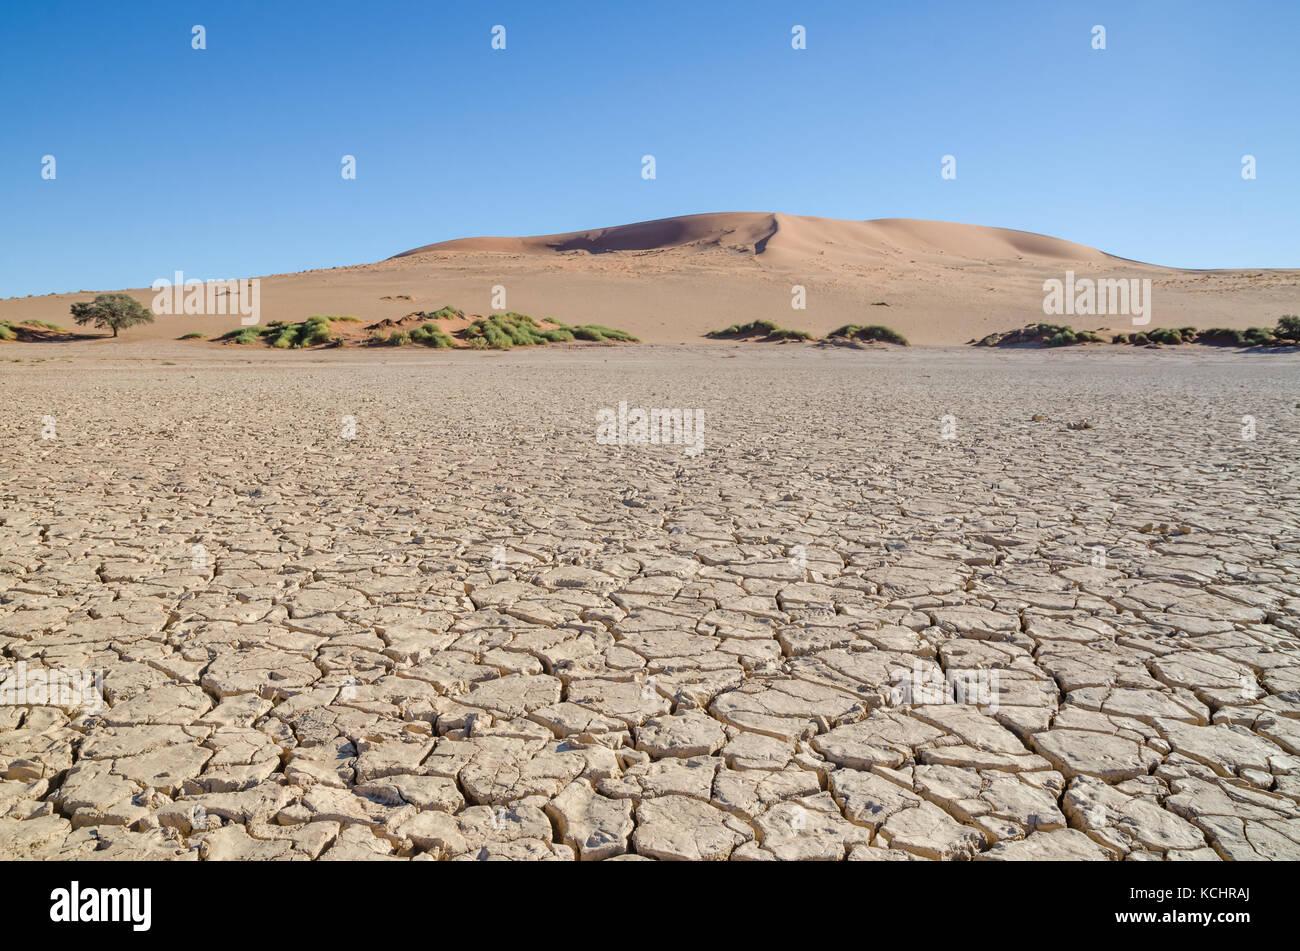 Belles hautes dunes de sable rouge et sec à la surface de l'argile fissurée célèbre sossusvlei Photo Stock